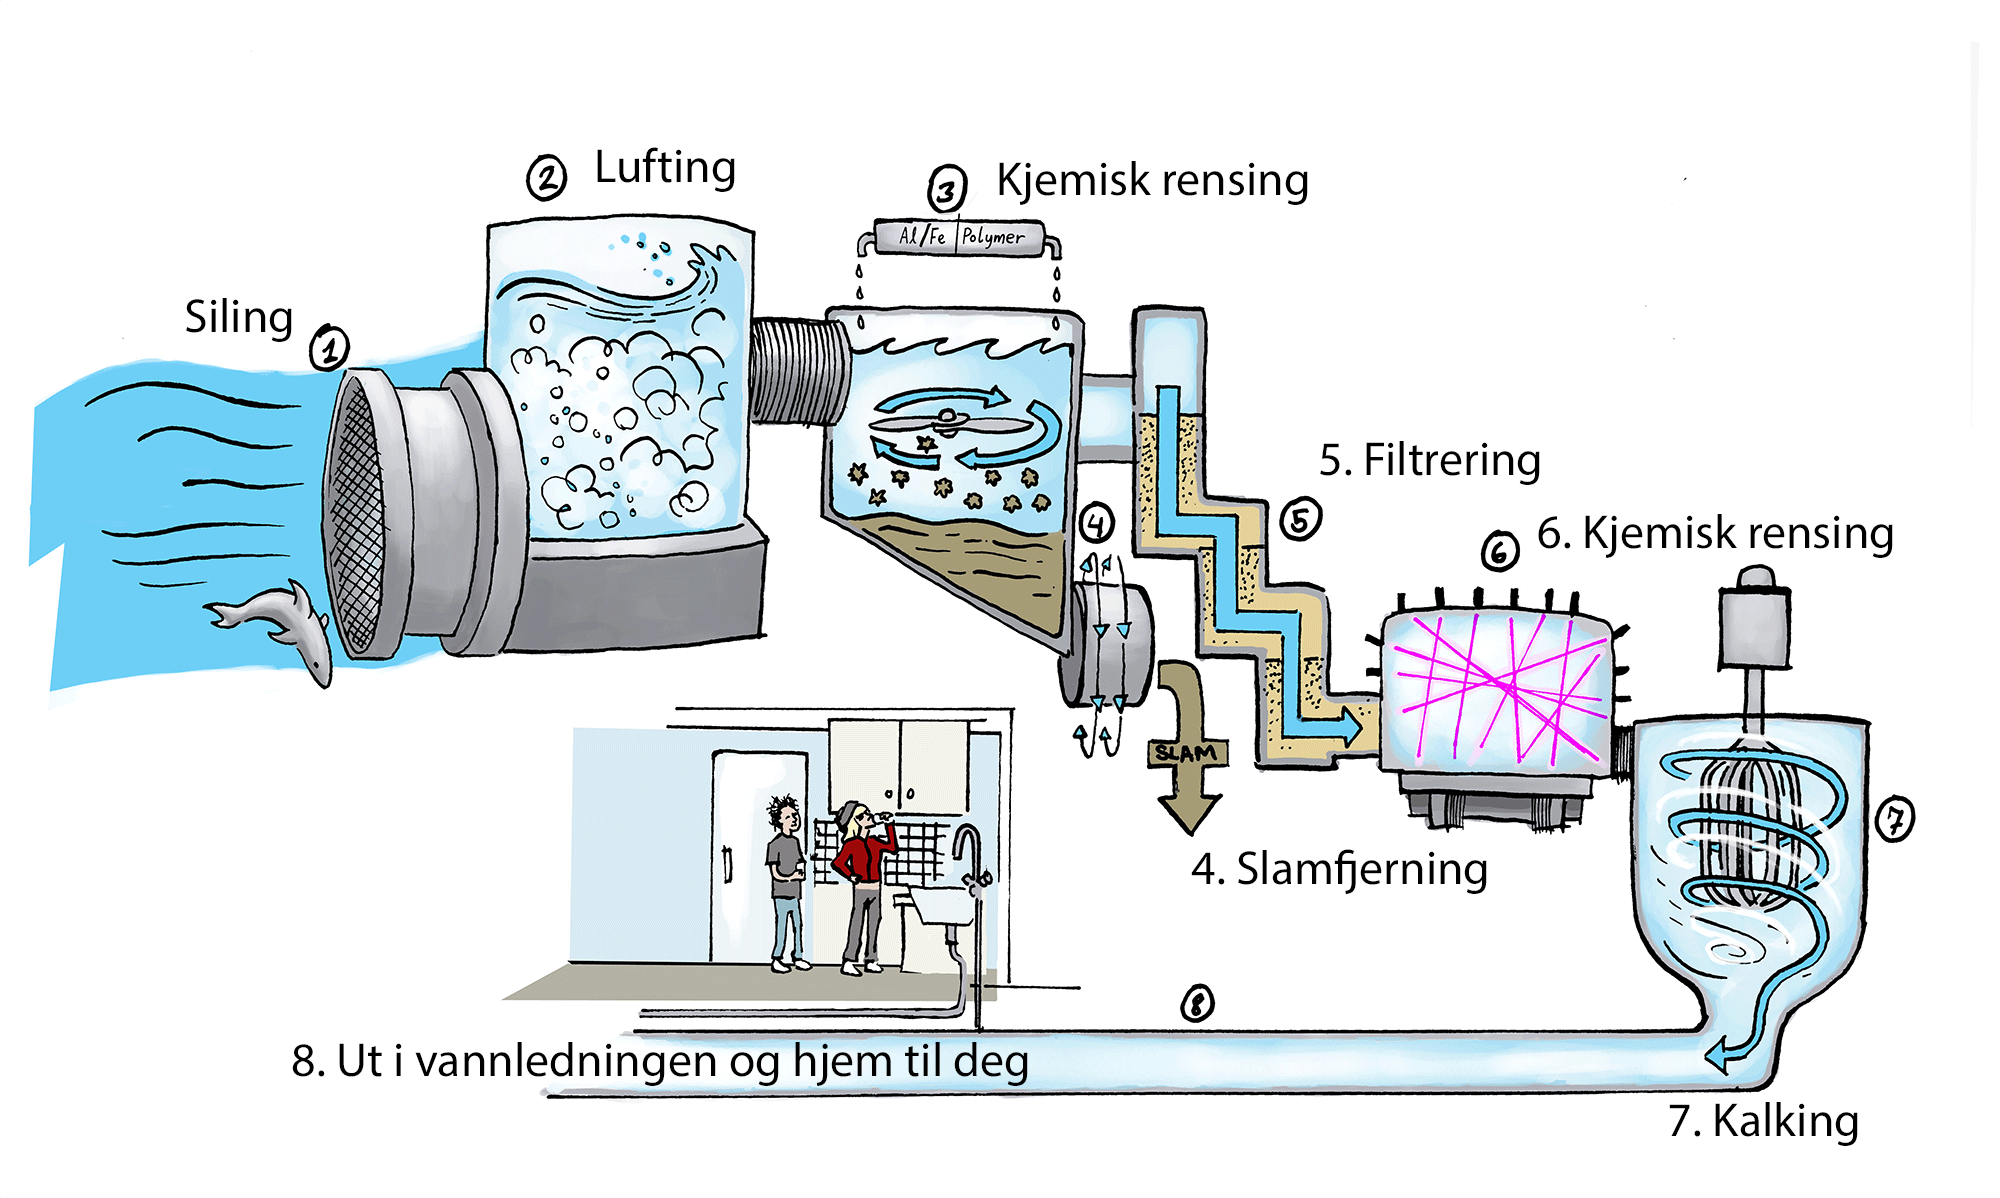 Rensing av drikkevann